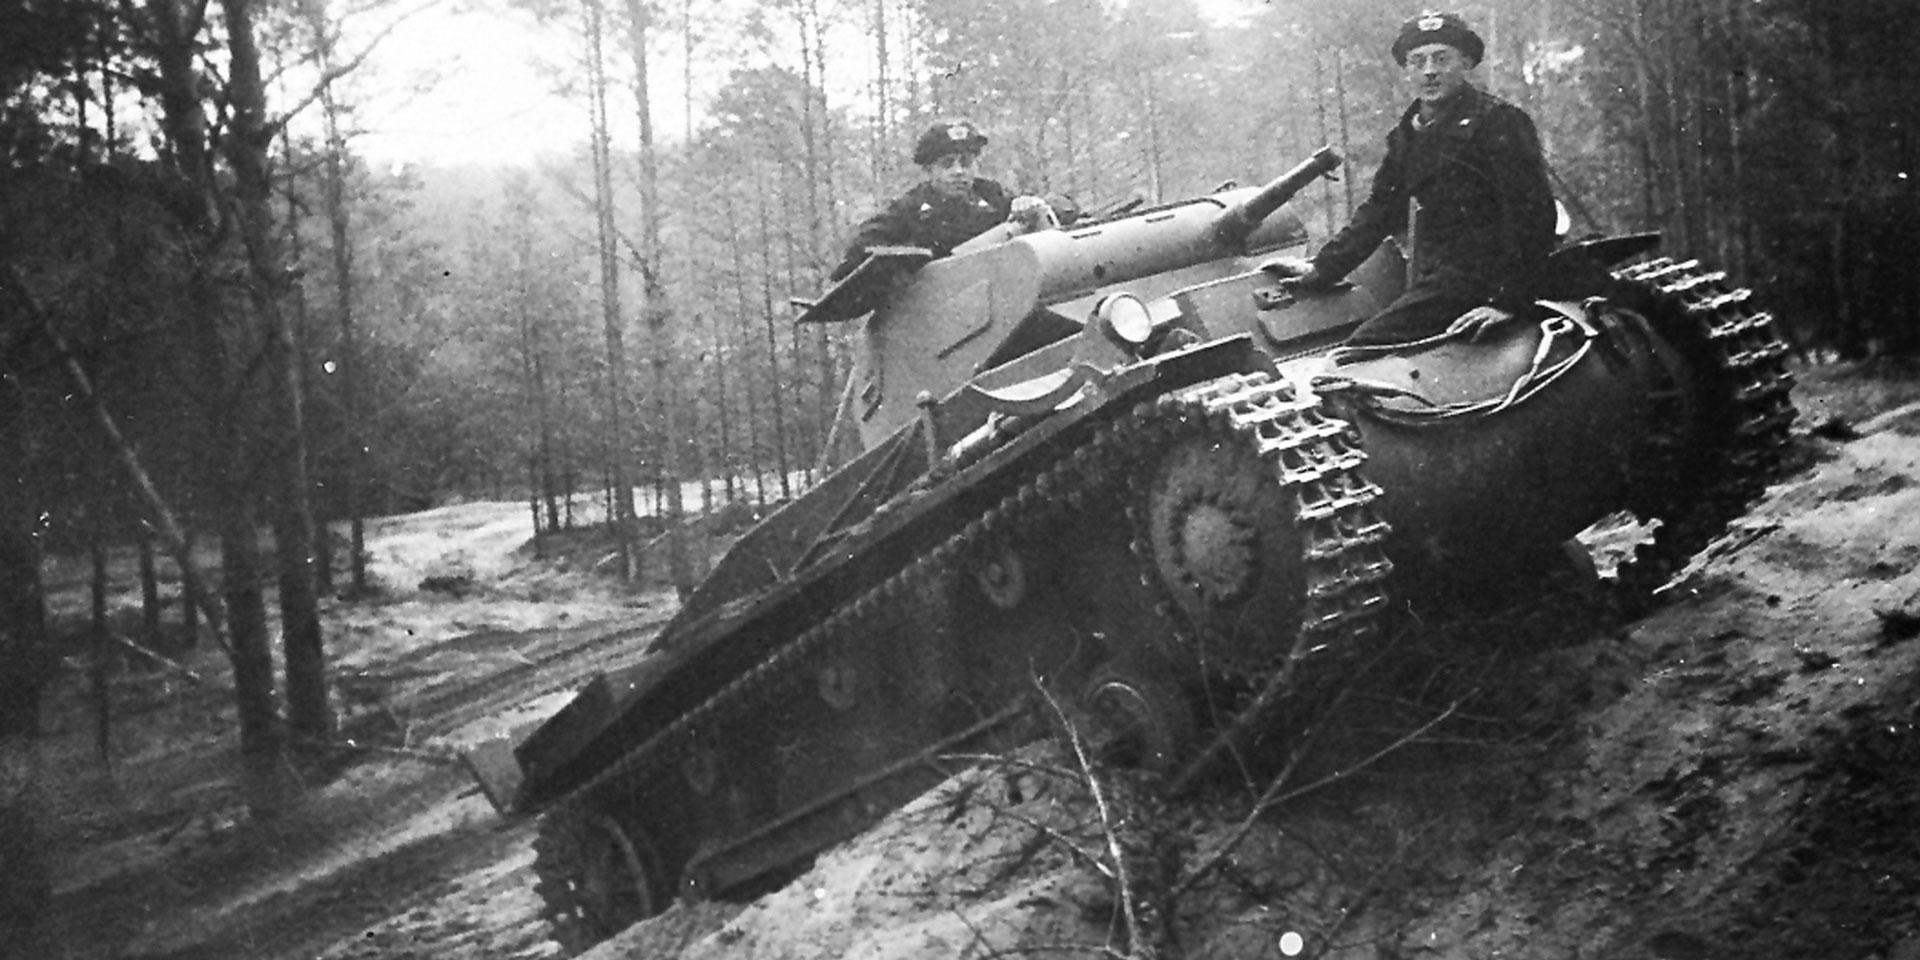 A Panzer II during a pre-war exercise, 1938